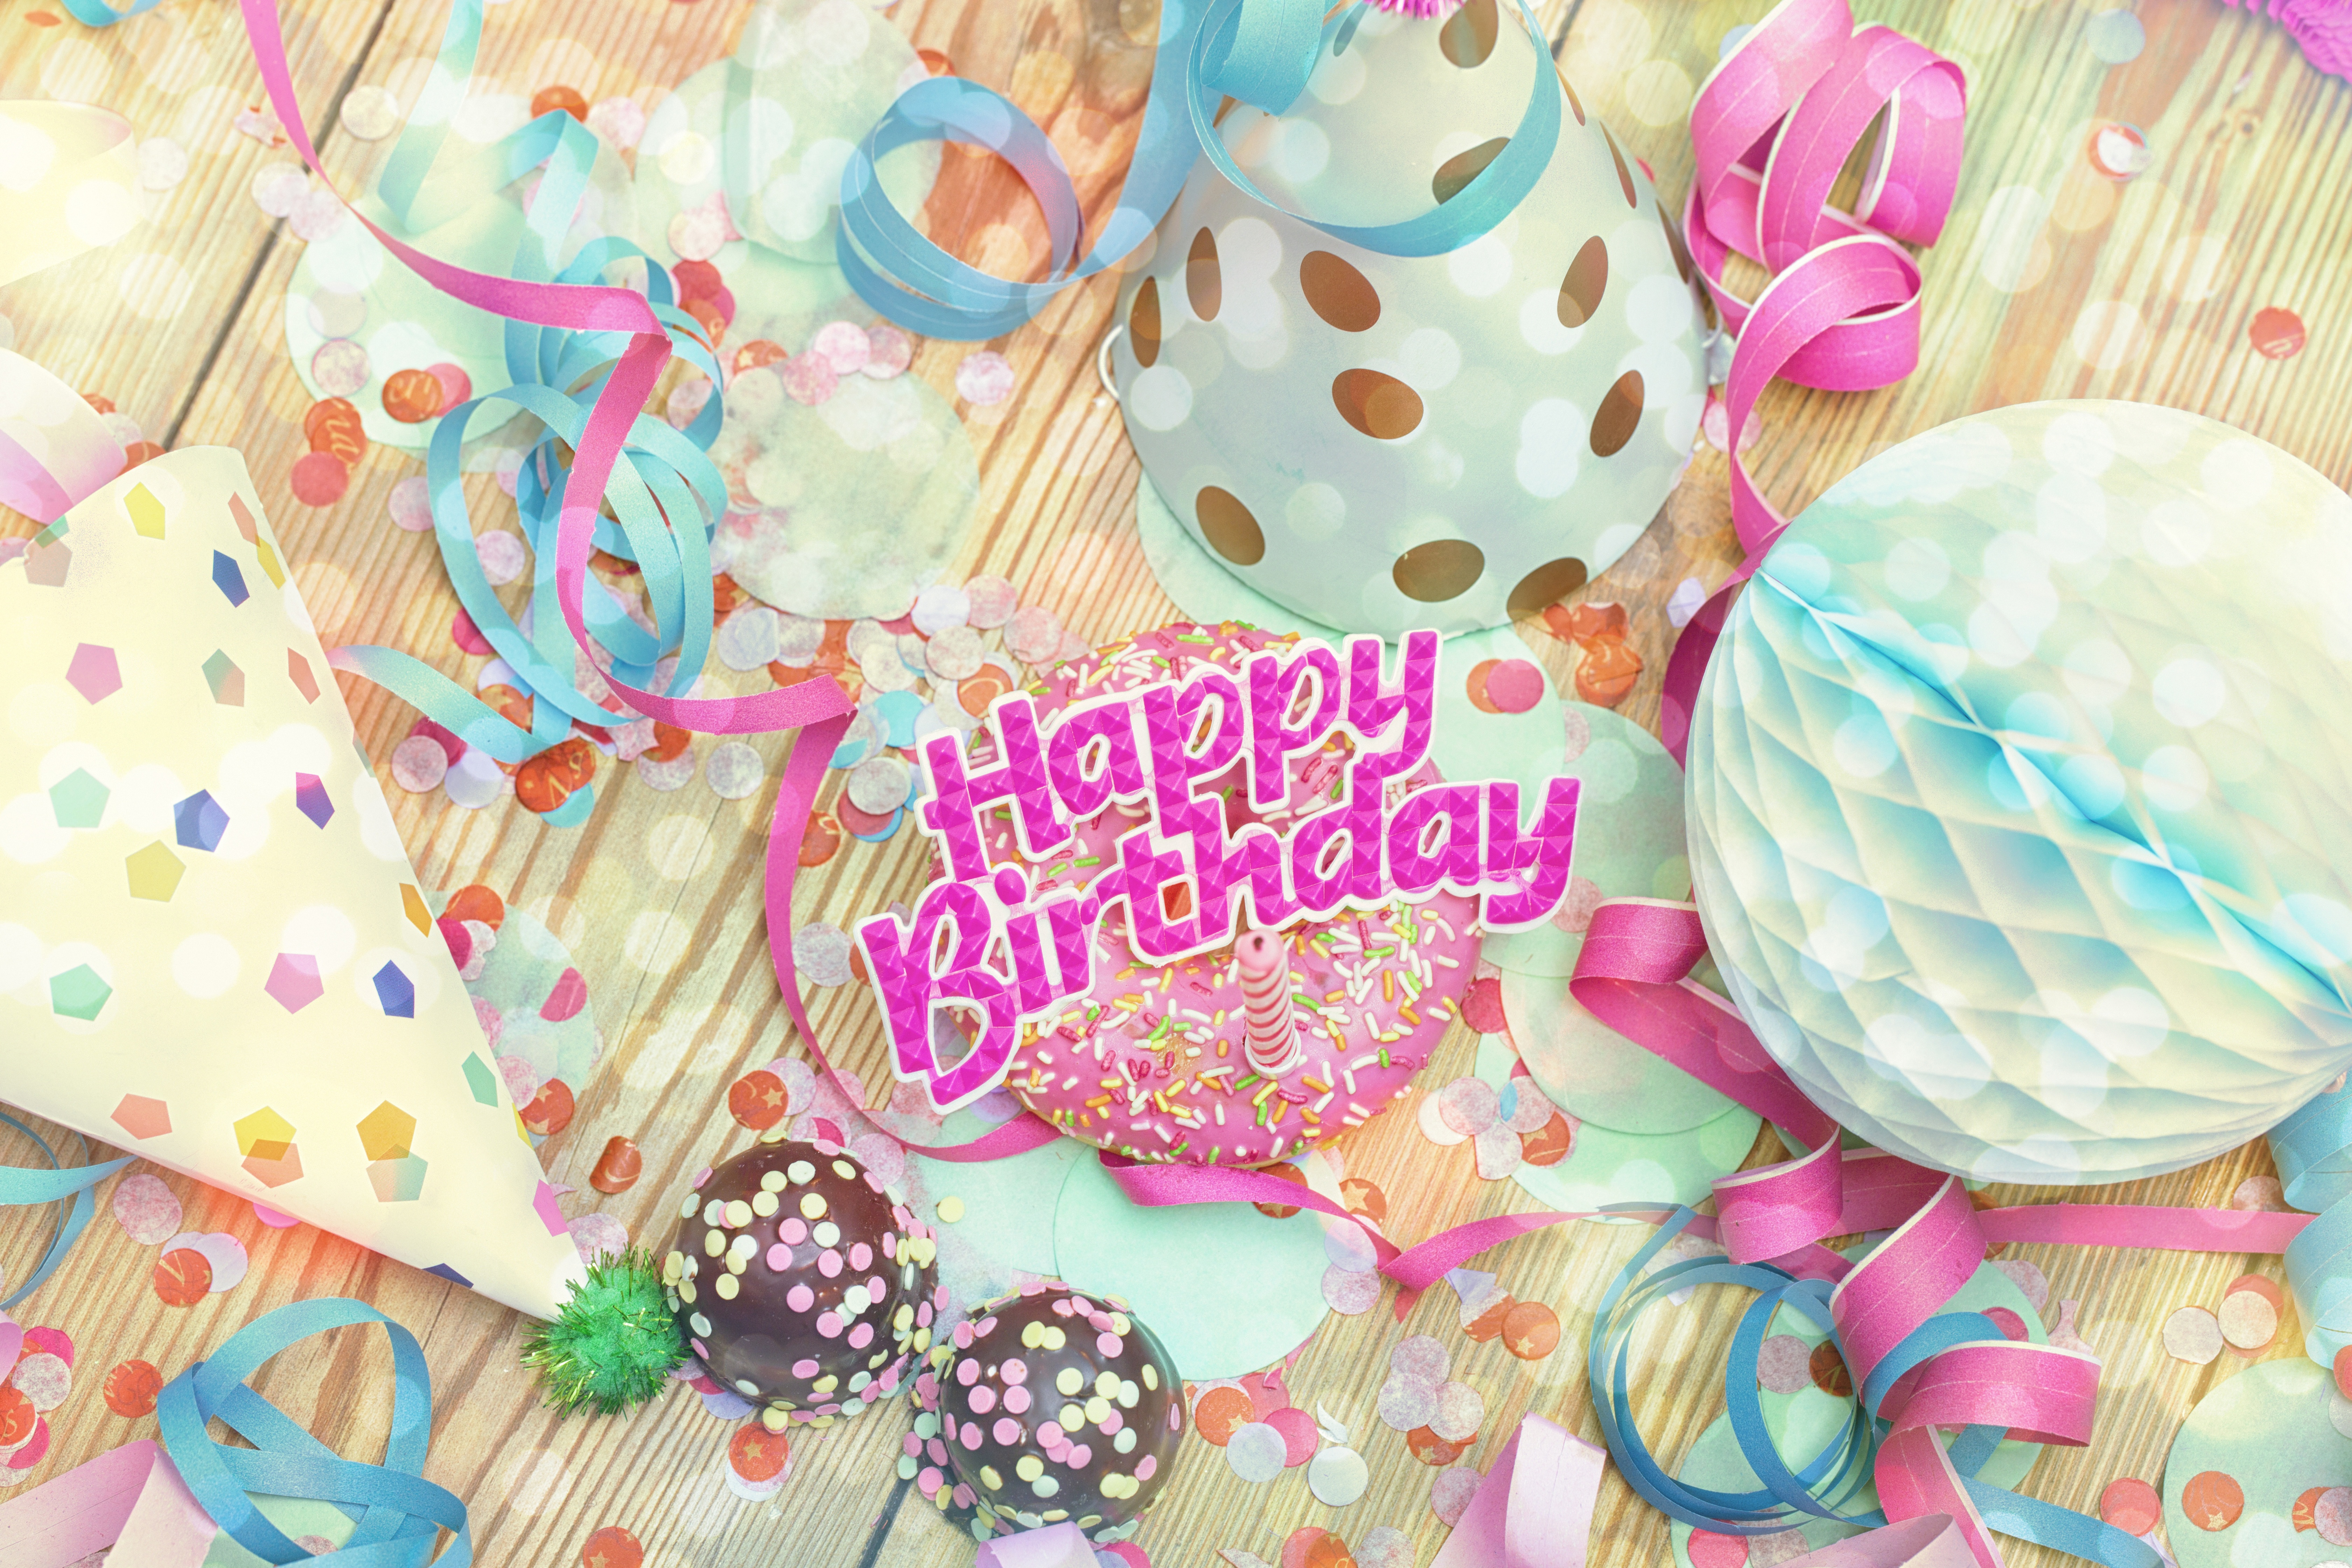 Прикольные картинки с днем рождения высокого разрешения